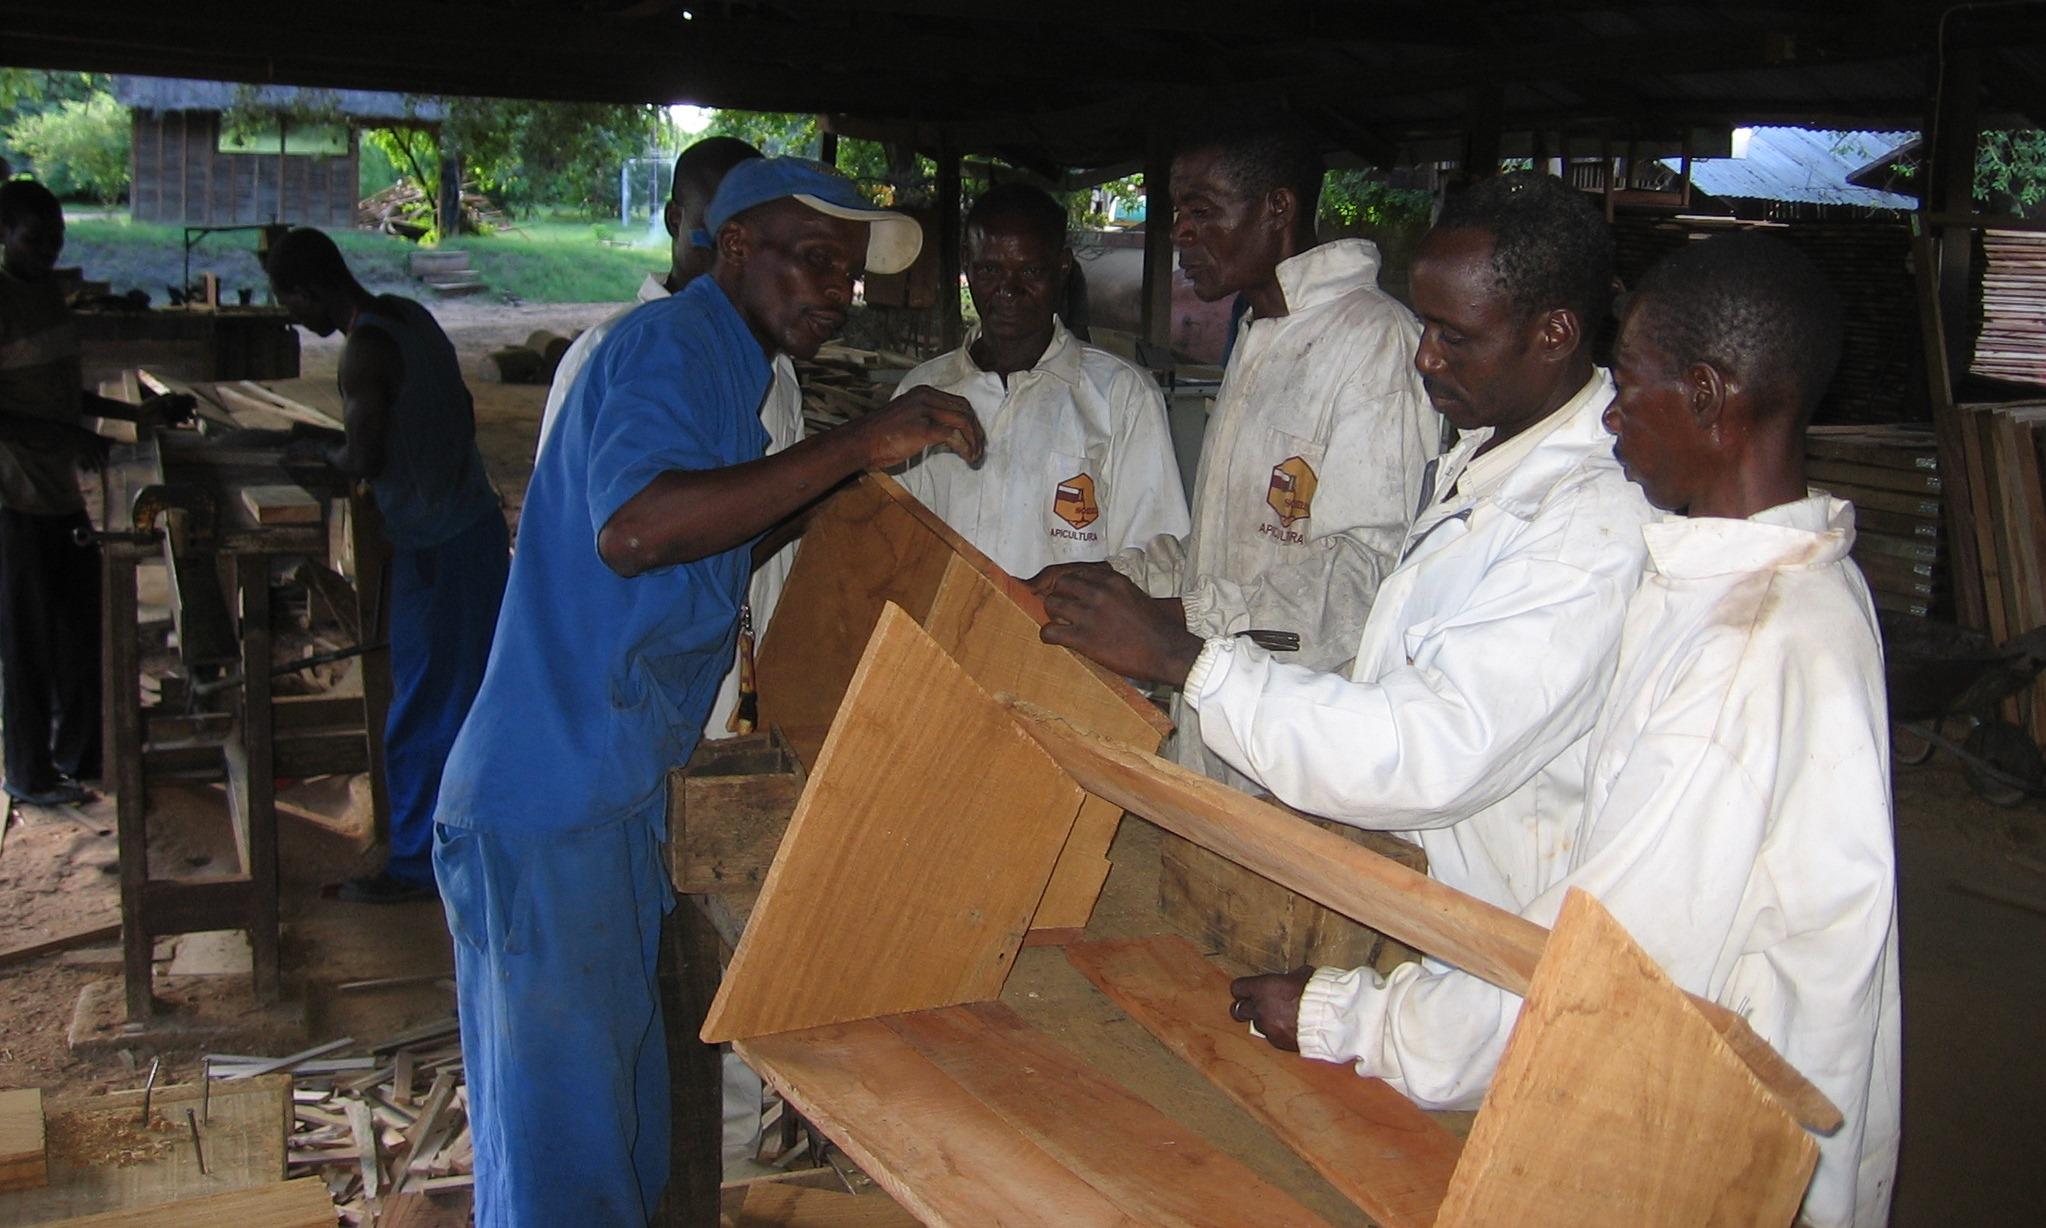 Treino na manufacturação de colmeias  - Training in hive manufacture